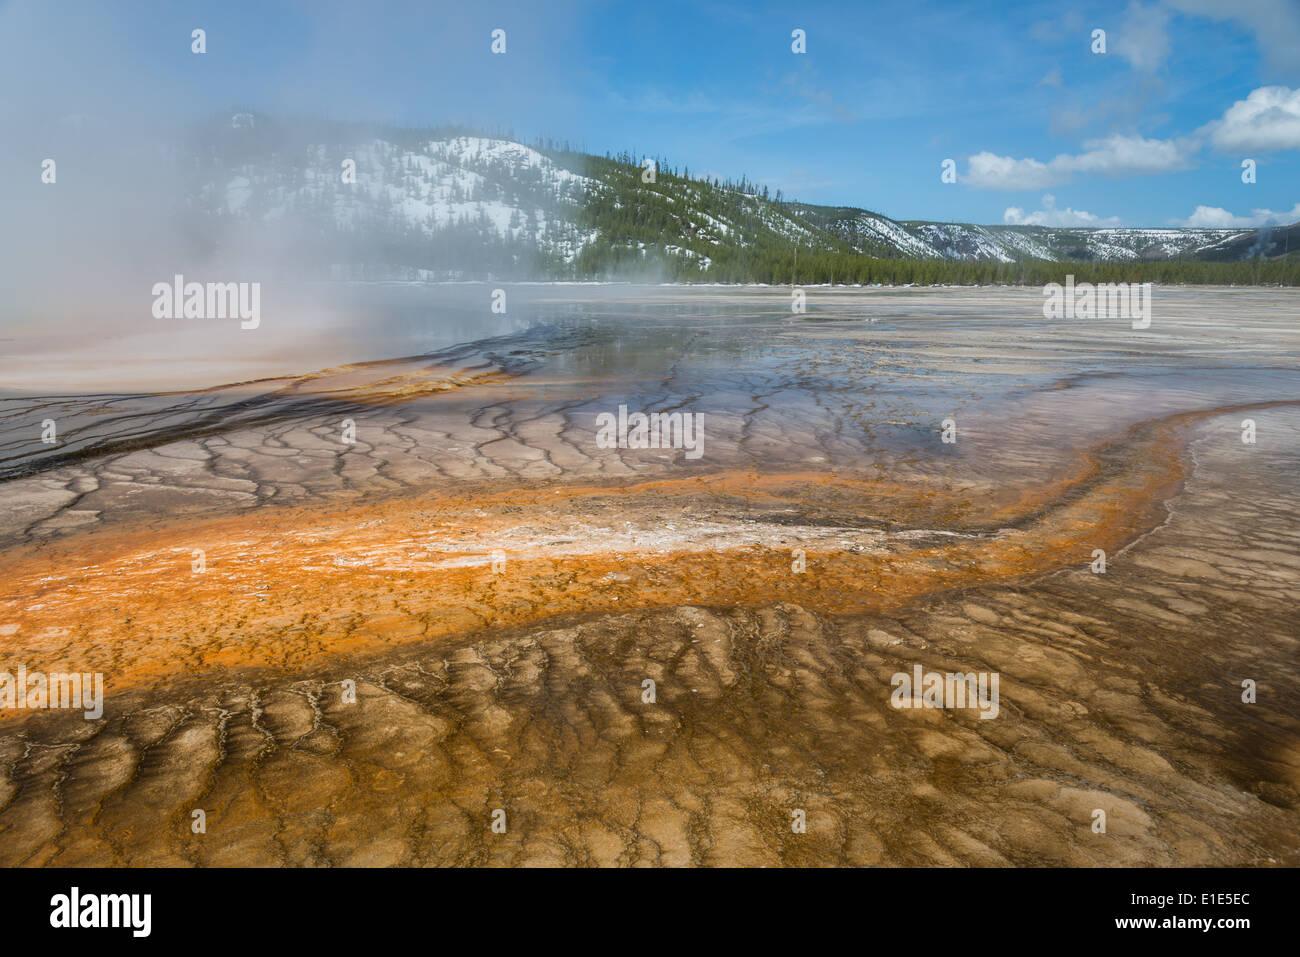 Colorido las bacterias crecen en el desbordamiento de la Grand Prismatic Spring. El Parque Nacional Yellowstone, Wyoming, Estados Unidos. Foto de stock